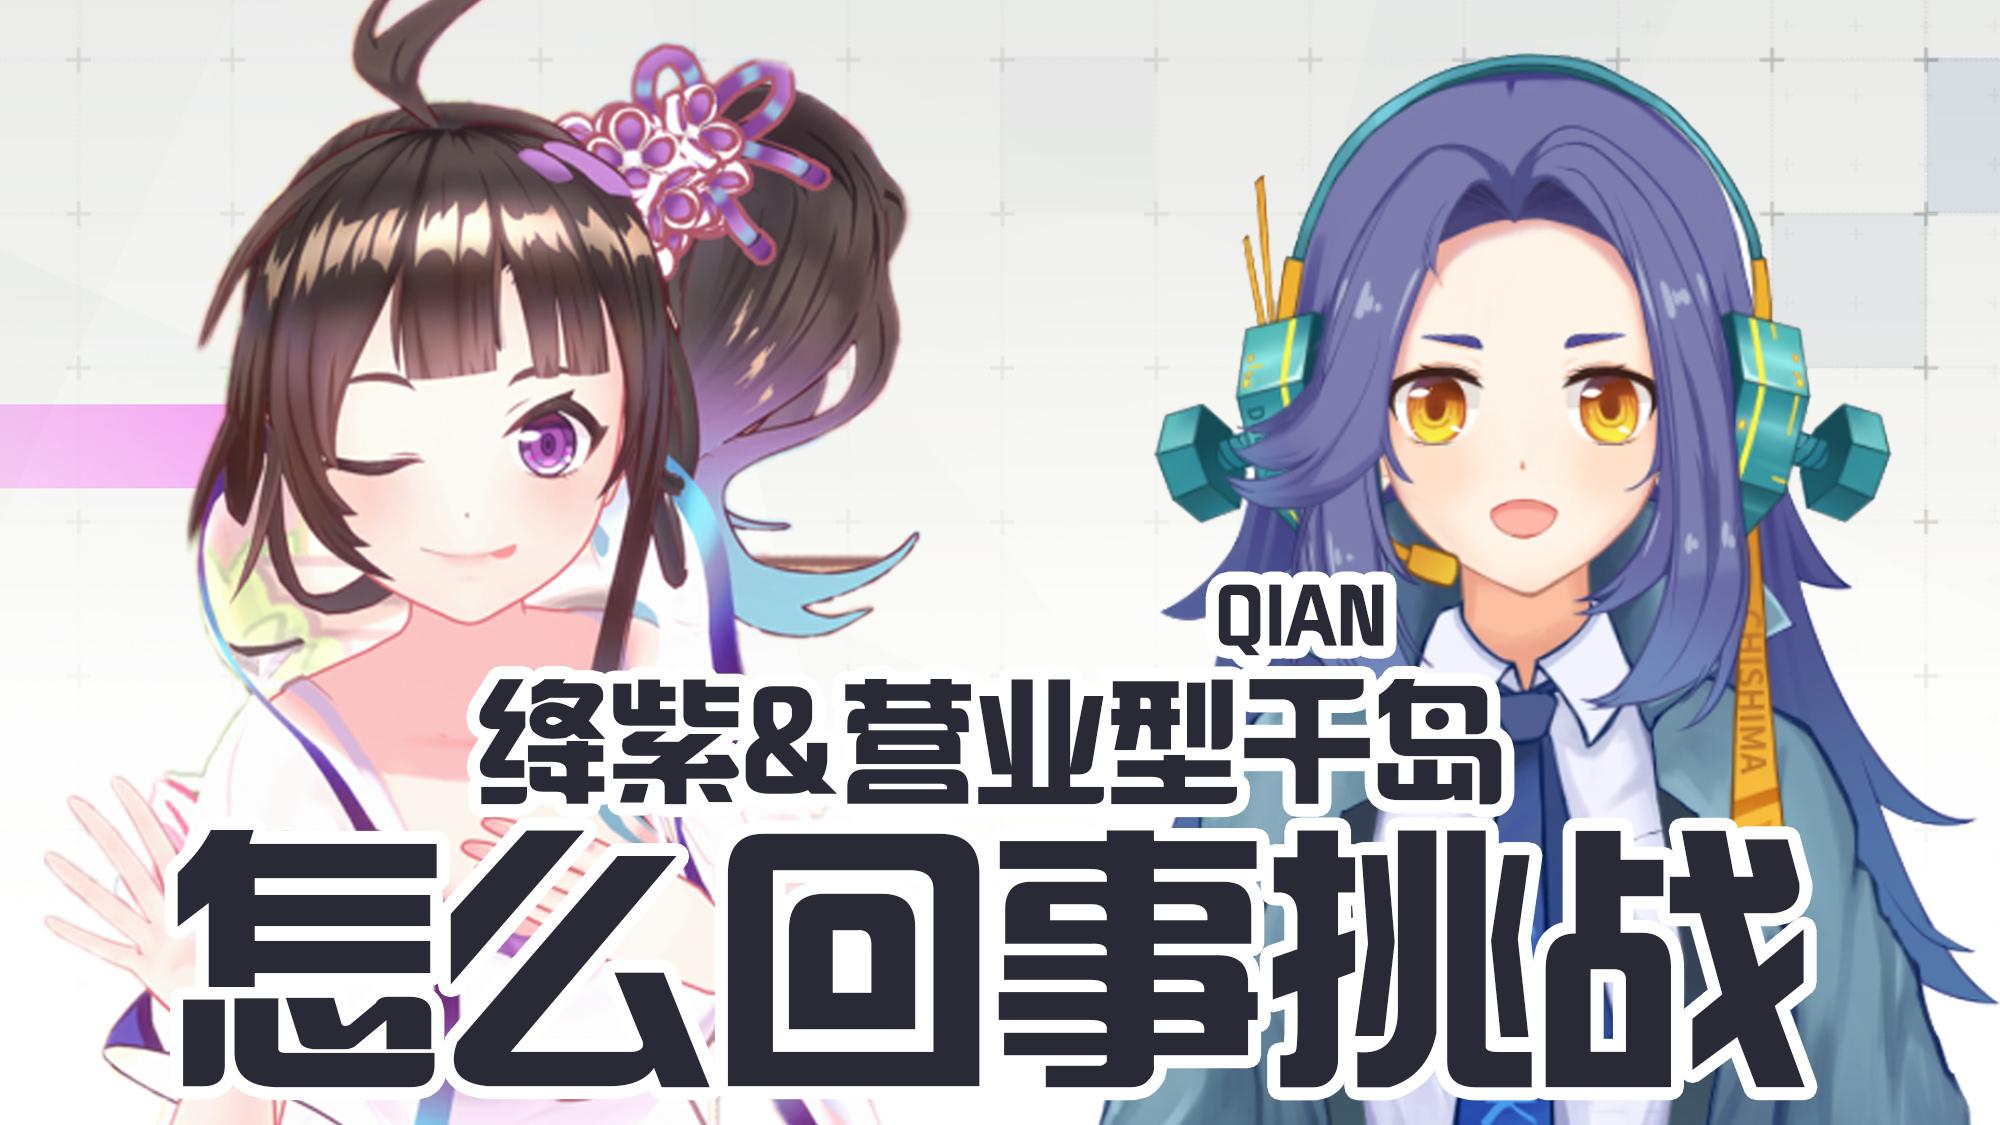 【千岛】来自绛紫的怎么回事挑战